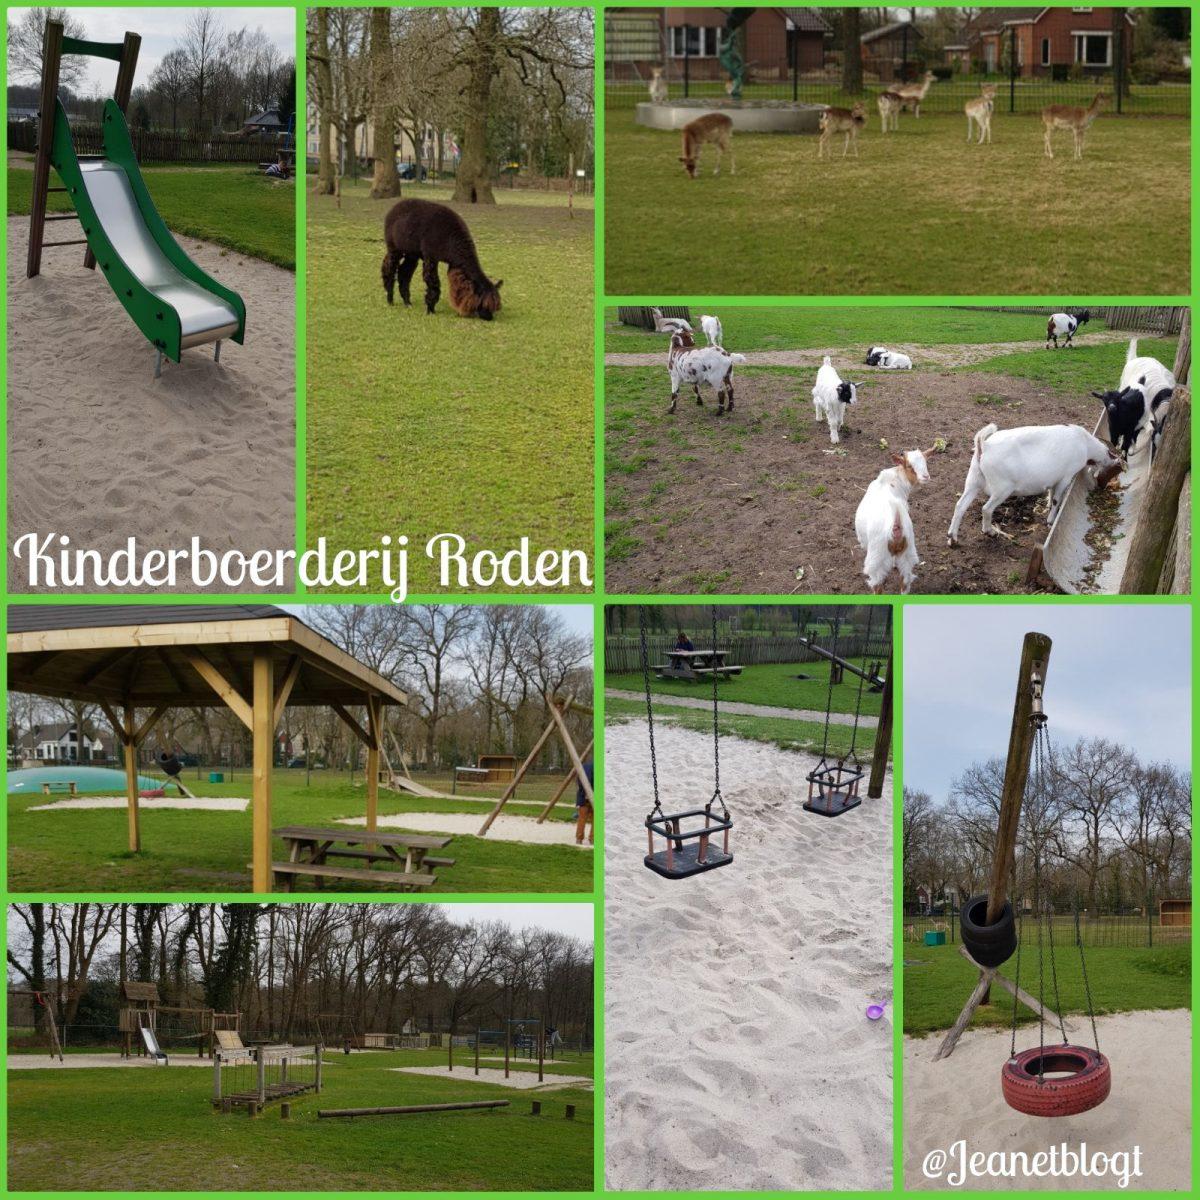 Kinderboerderij met speeltuin in Roden.